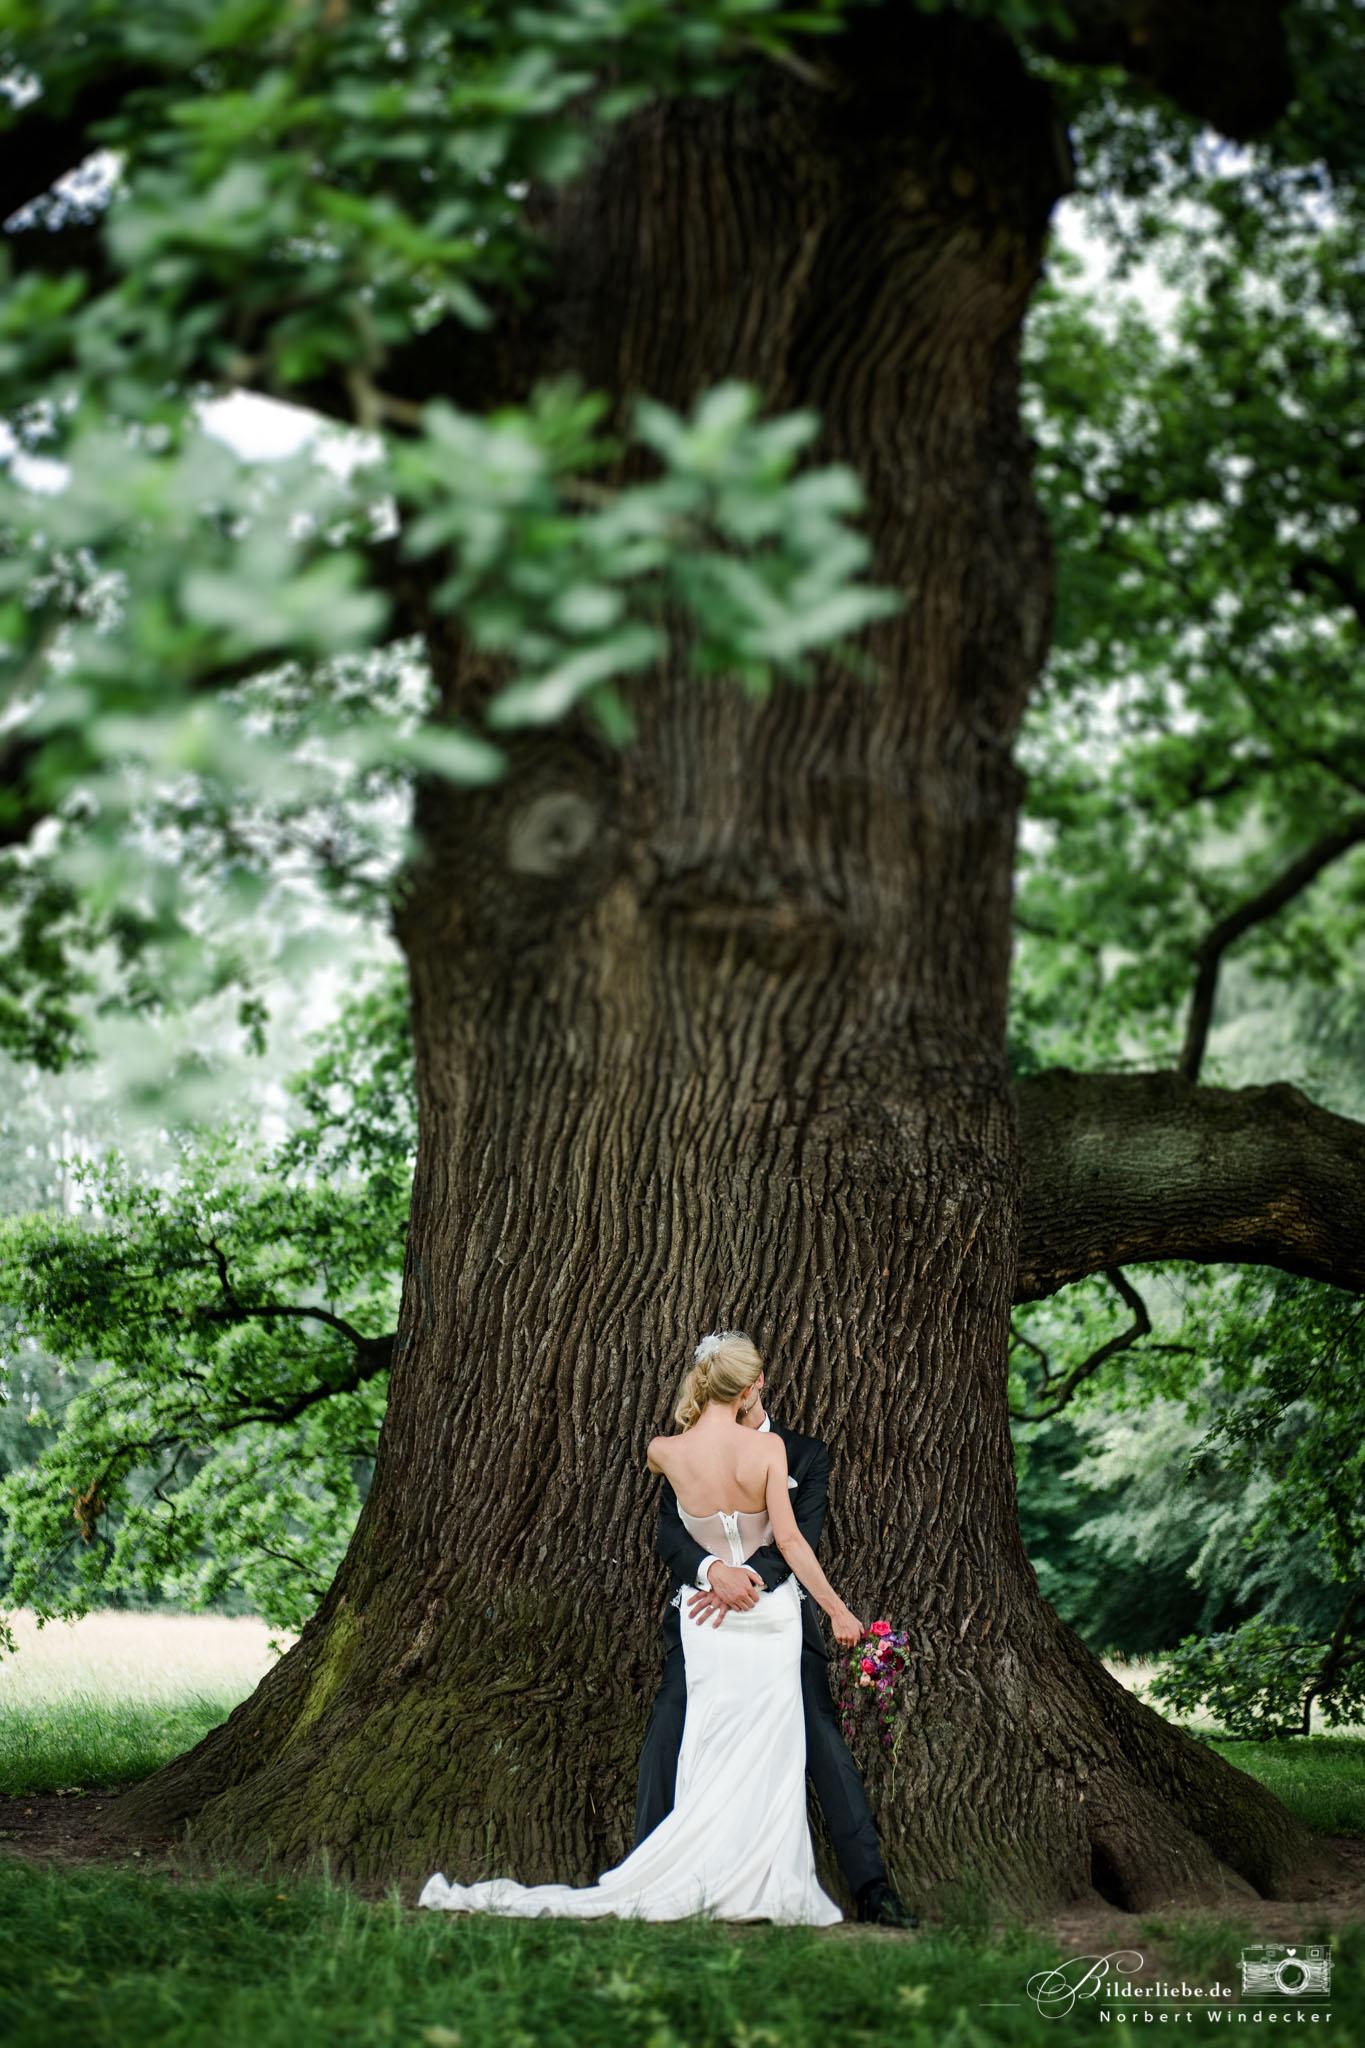 Hochzeitsfoto vom Profi - Hochzeitsreportage Jagdschloss Graupa